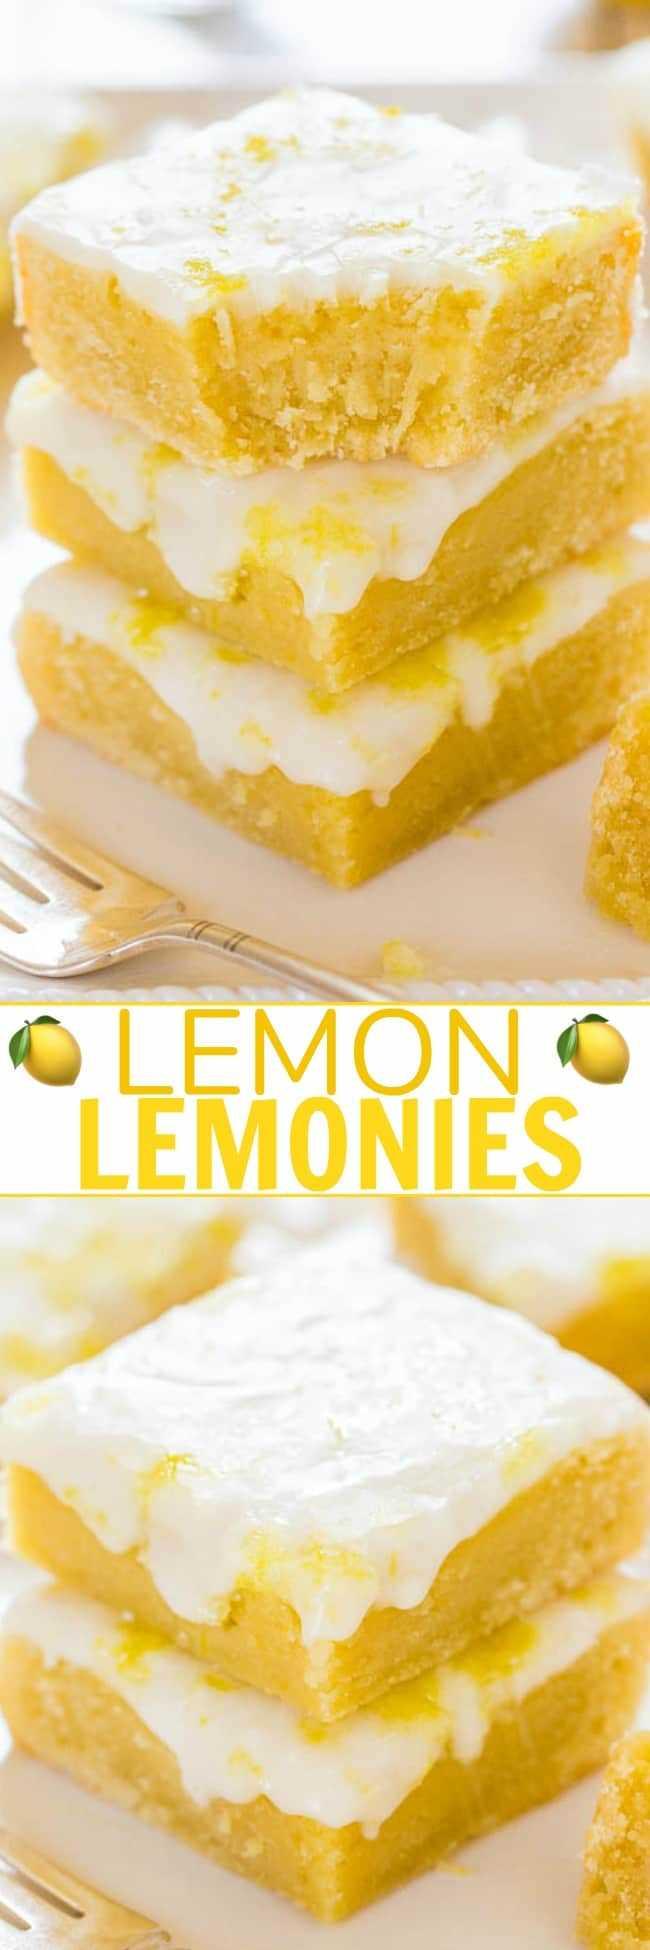 Lemon Lemonies - ¡Como los brownies de limón, pero hechos con limón y chocolate blanco! Denso, masticable, no cakey y lleno de sabor a limón grande y audaz. Siempre una multitud FAVORITA!